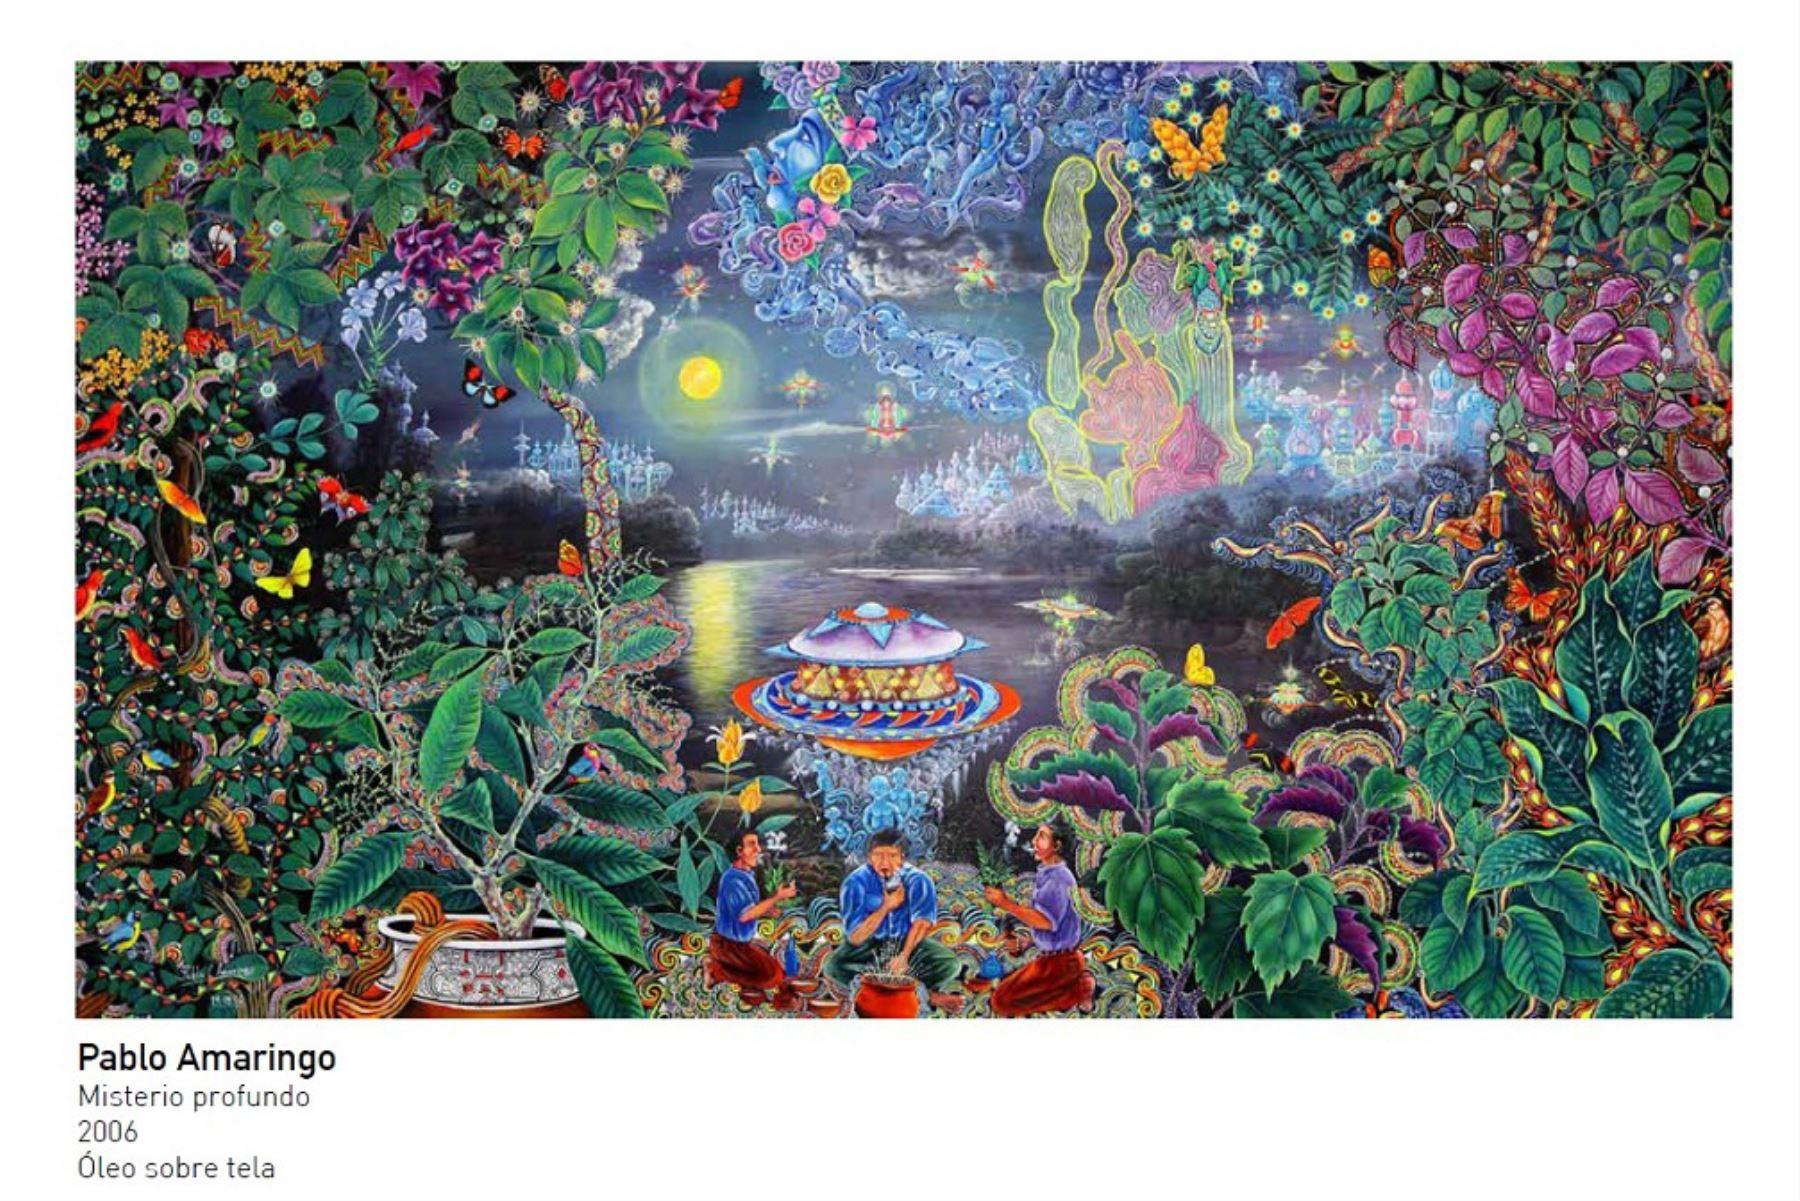 Misterio profundo de Pablo Amaringo será una de las piezas de arte amazónico que se exhibirá en la Casa Perú de Moscú que instalará Promperú por el Mundial de Fútbol Rusia 2018. ANDINA/Difusión